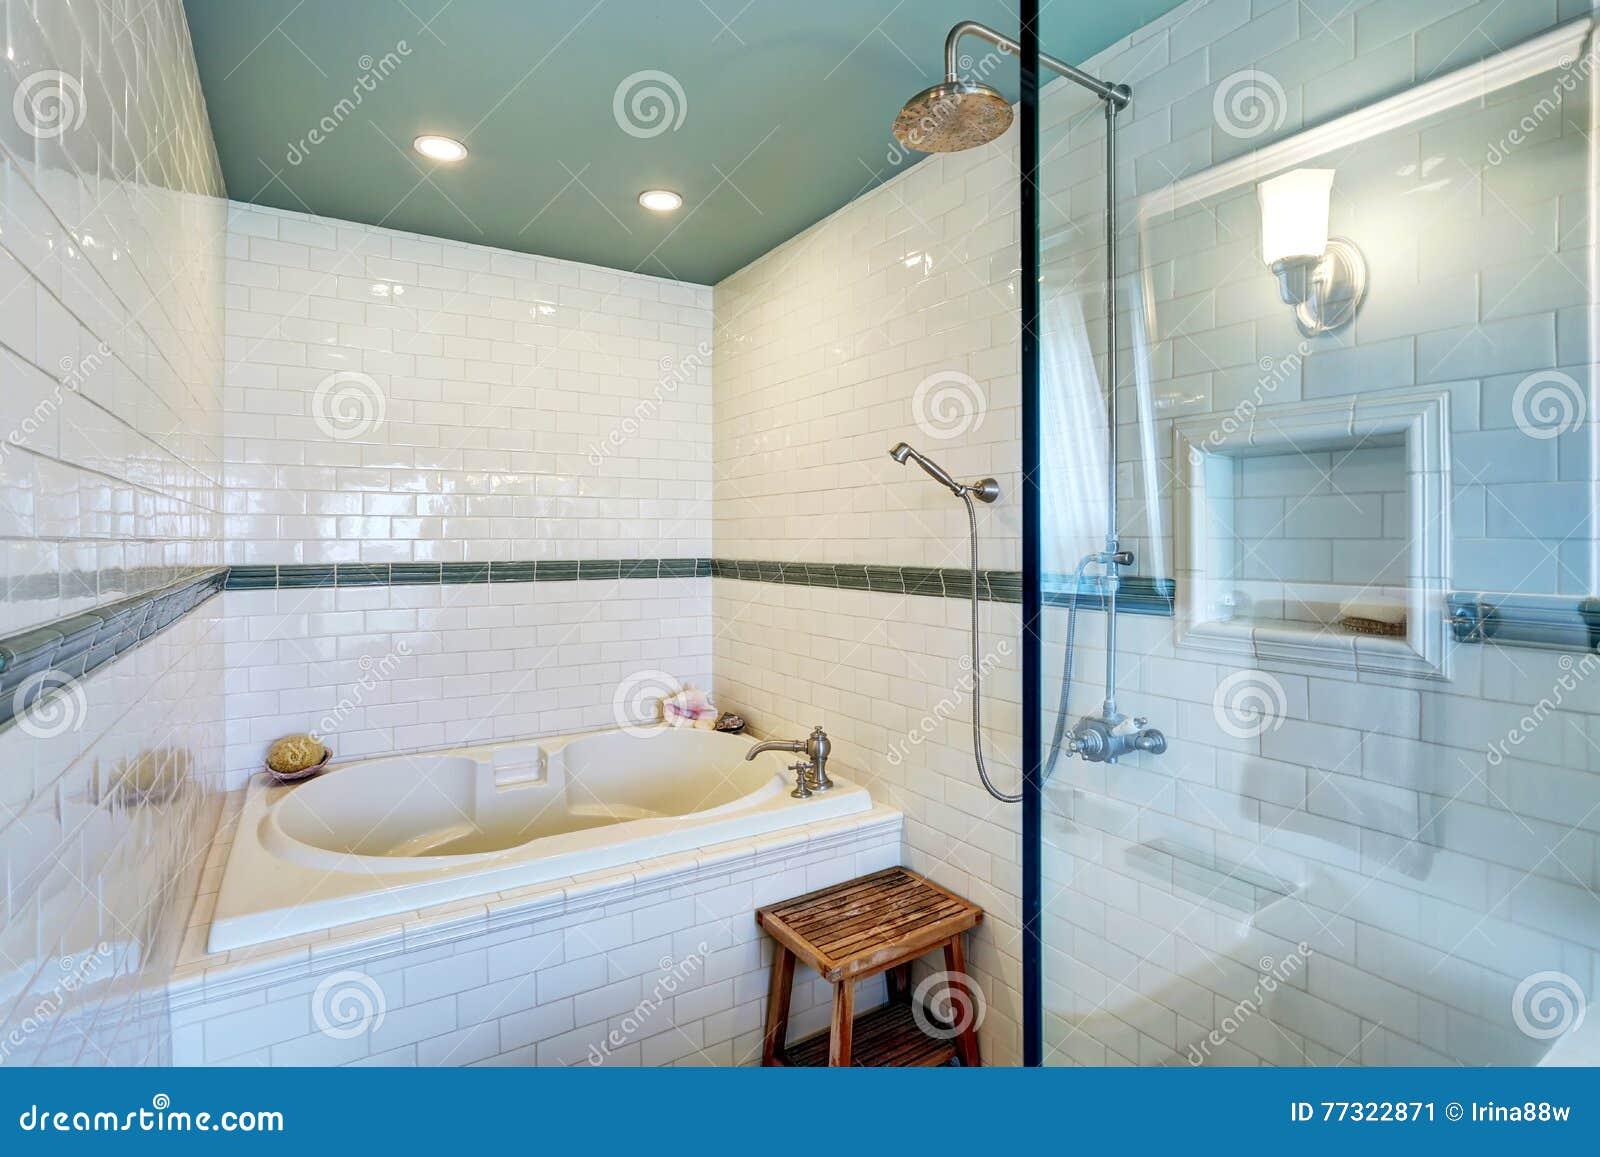 Parete in vetro per vasca da bagno - Lavandino in vetro bagno ...